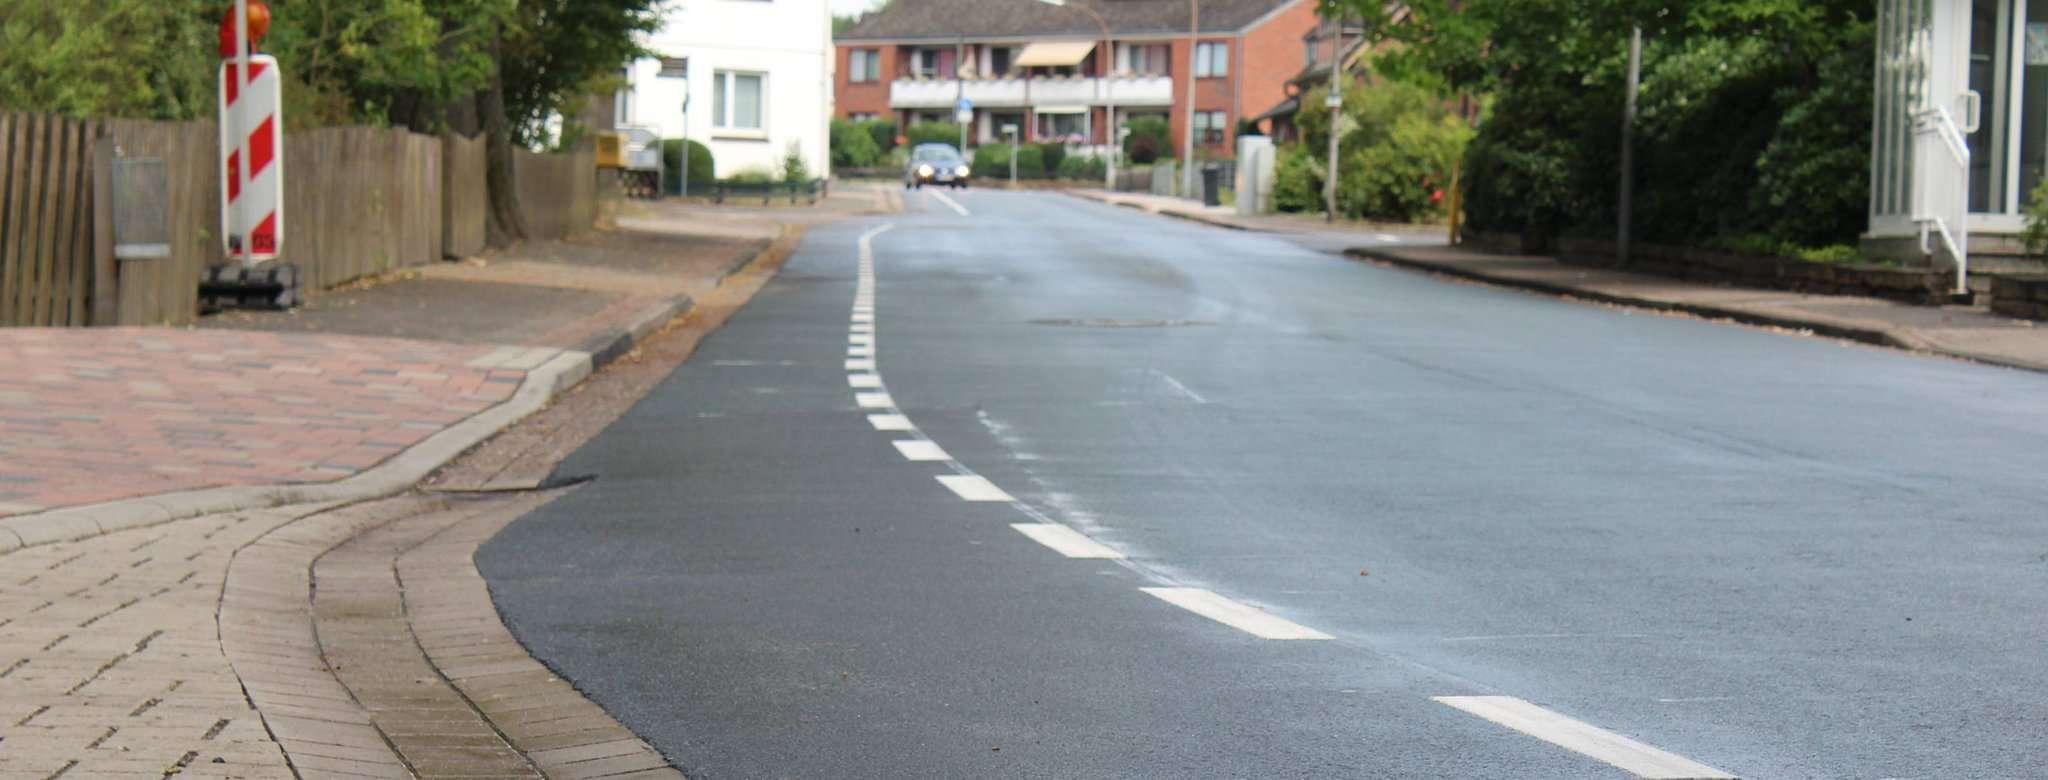 Die Gruppe 57 wünscht sich, dass der Fahrradschutzstreifen in der Schulstraße zur Sicherheit der Kinder verlängert wird. Archivfoto: Ann-Christin Beims